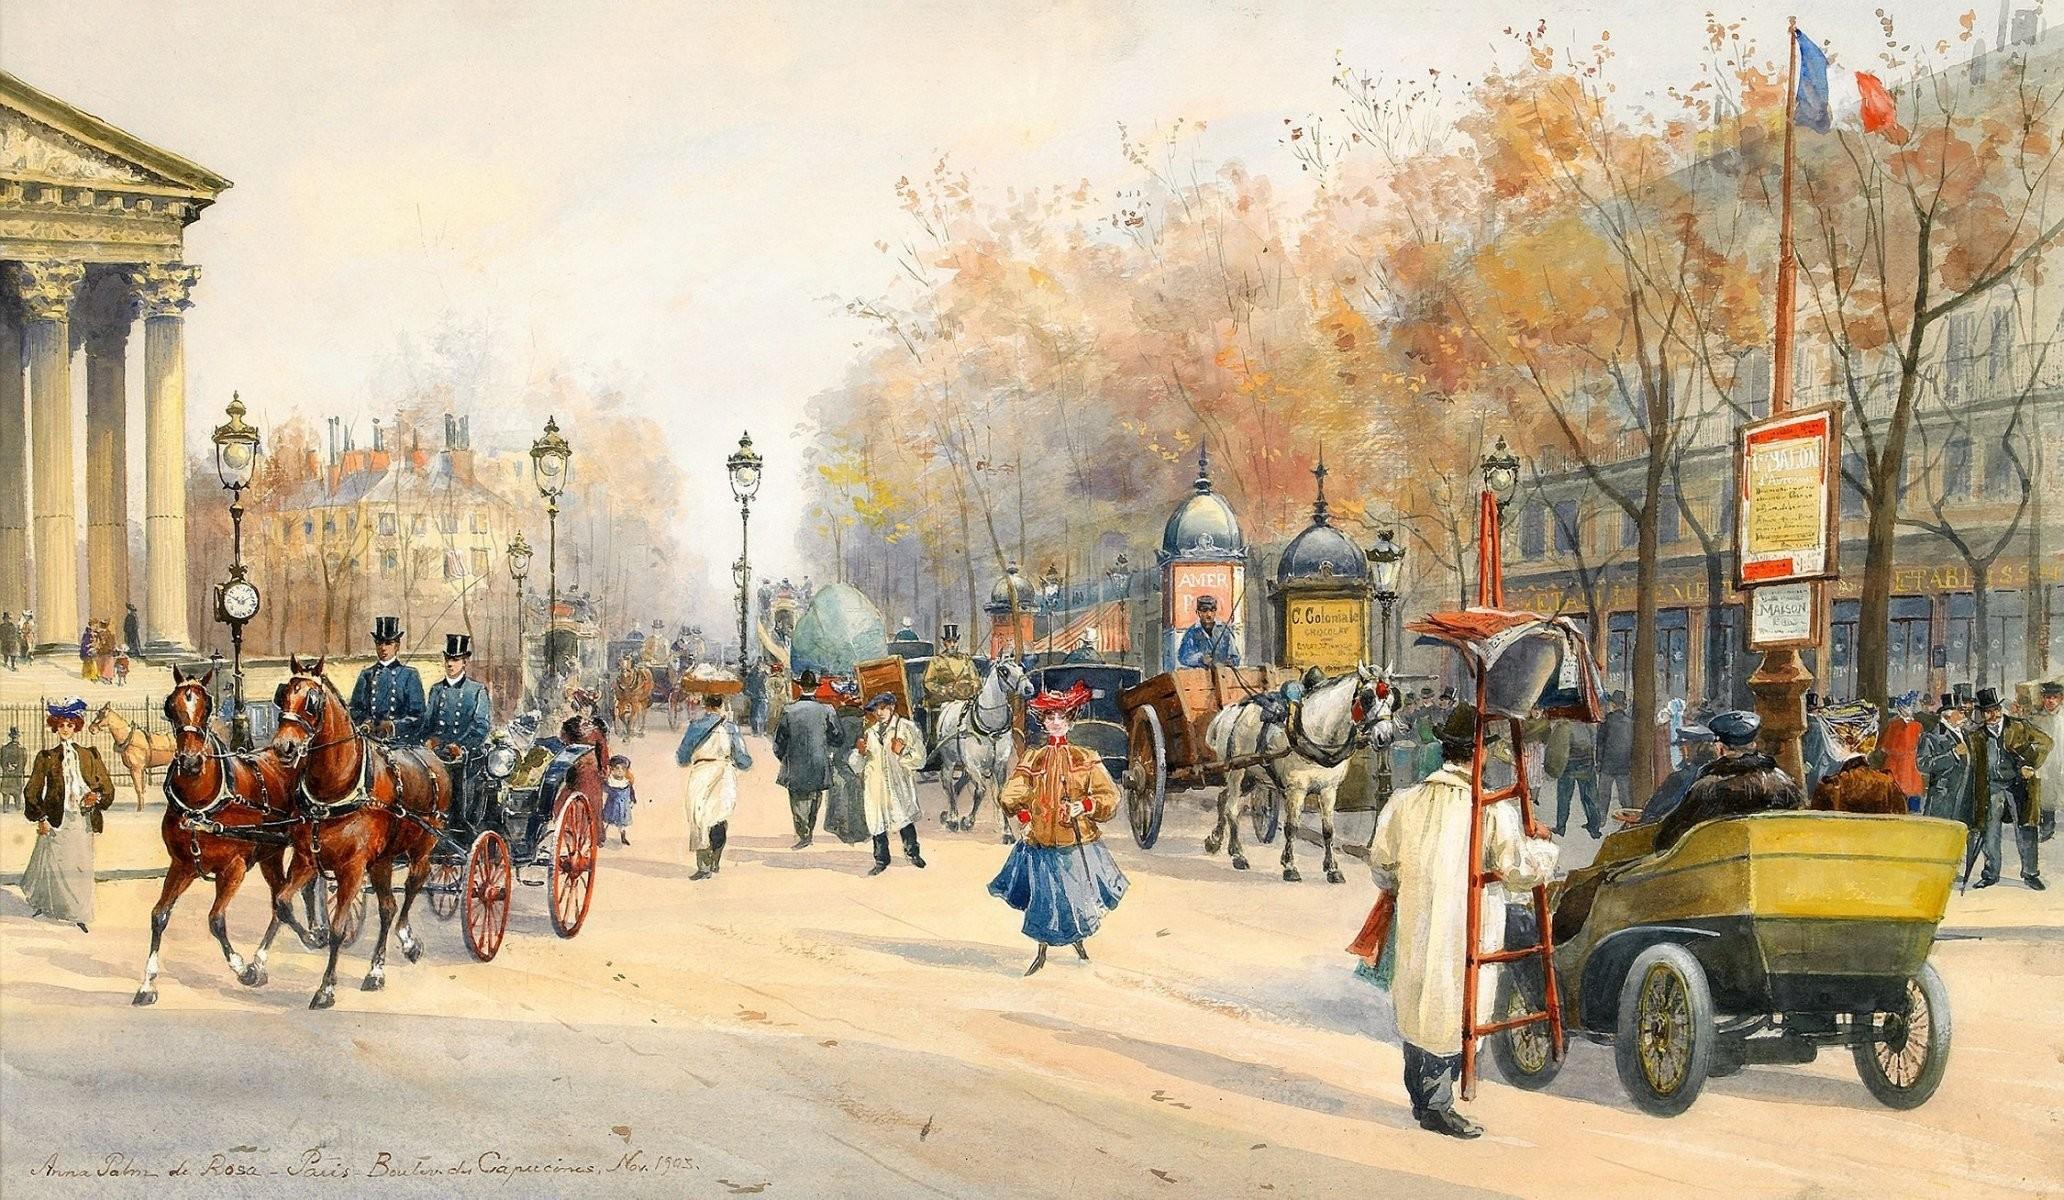 Res: 2064x1200, anna palm de rosa paris boulevard des capucines boulevard wagon windows  lamps watches french flag france